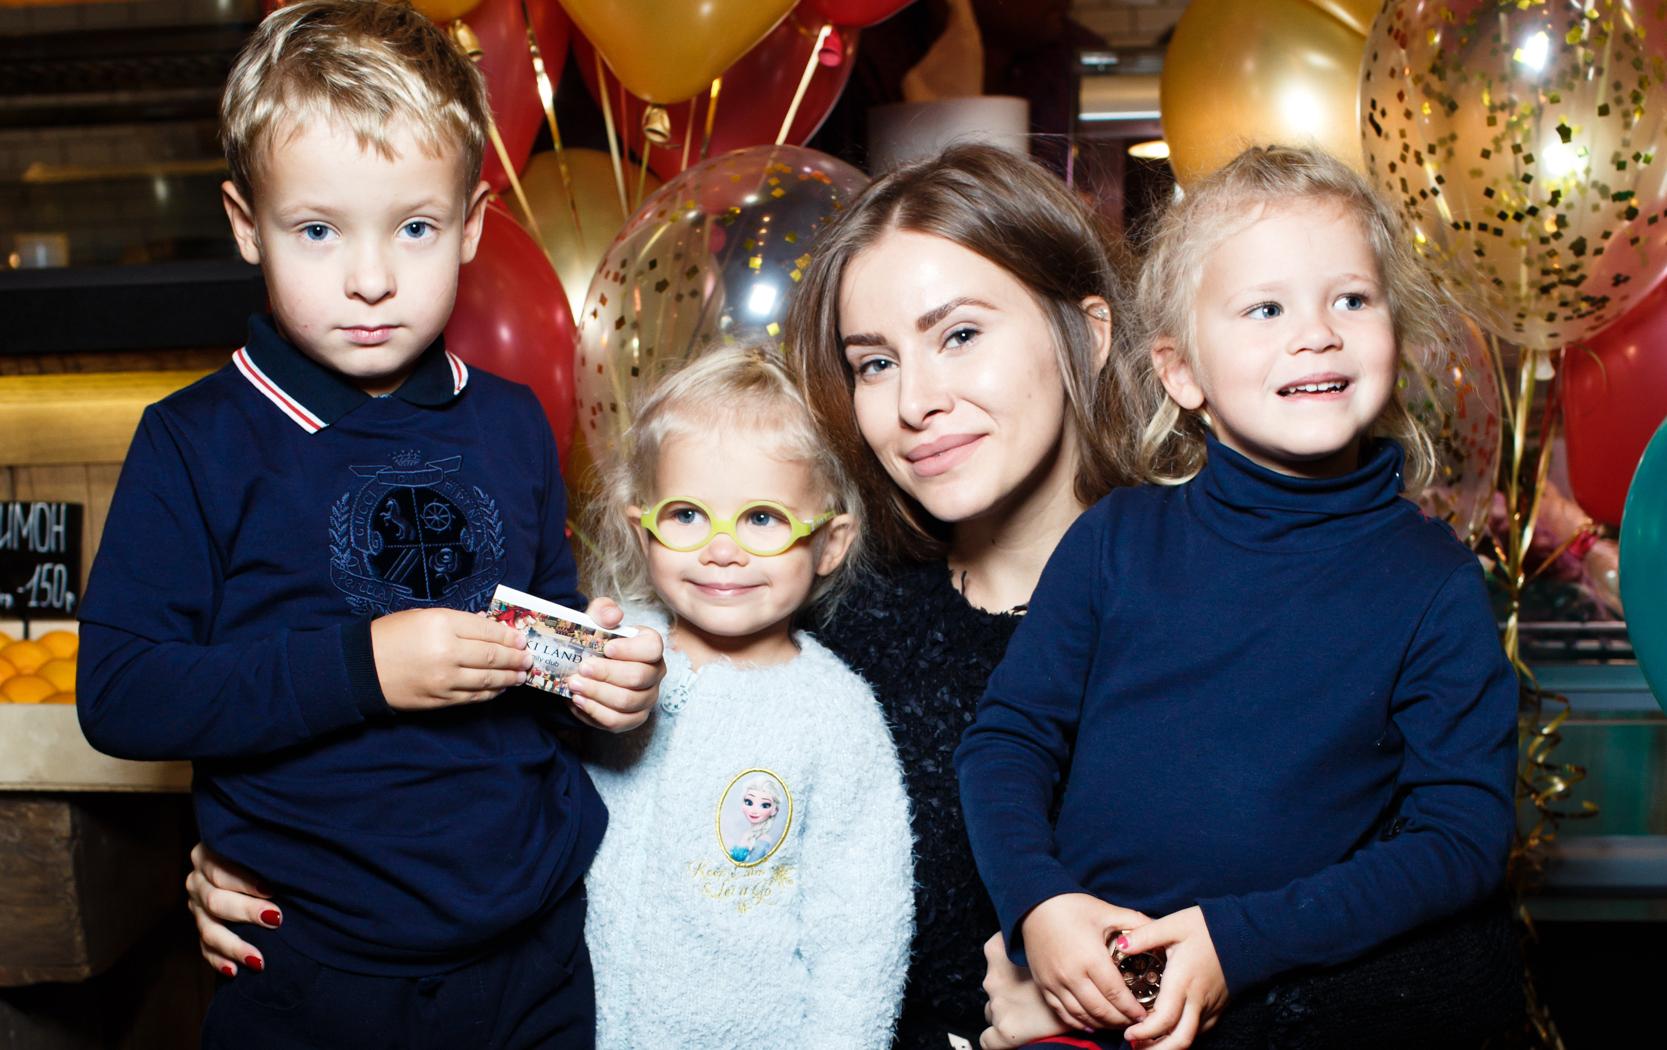 Владимир Мамиашвили, Тата Бондарчук-Мамиашвили с дочерьми Верой и Маргаритой